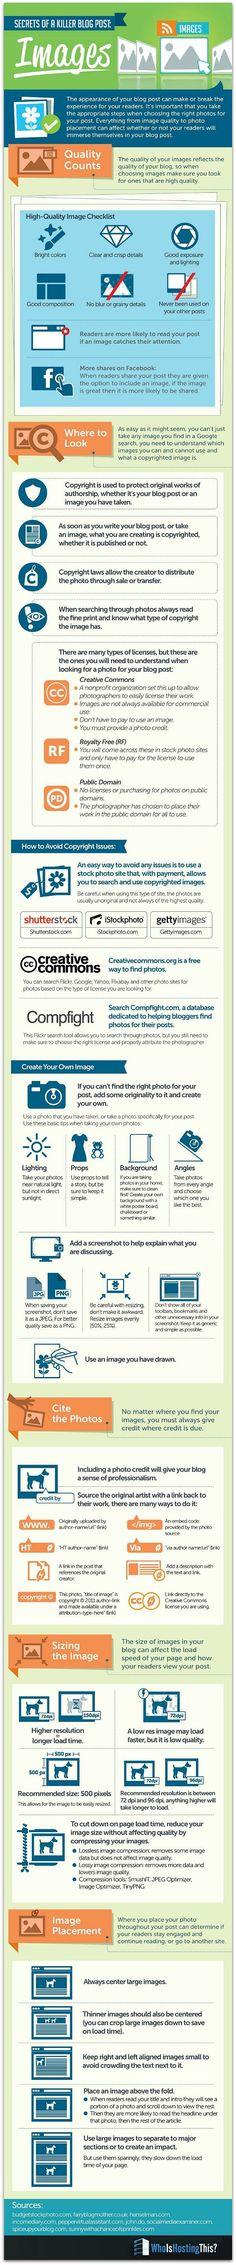 Sources of Killer Blog Post Images #blogging #infographic